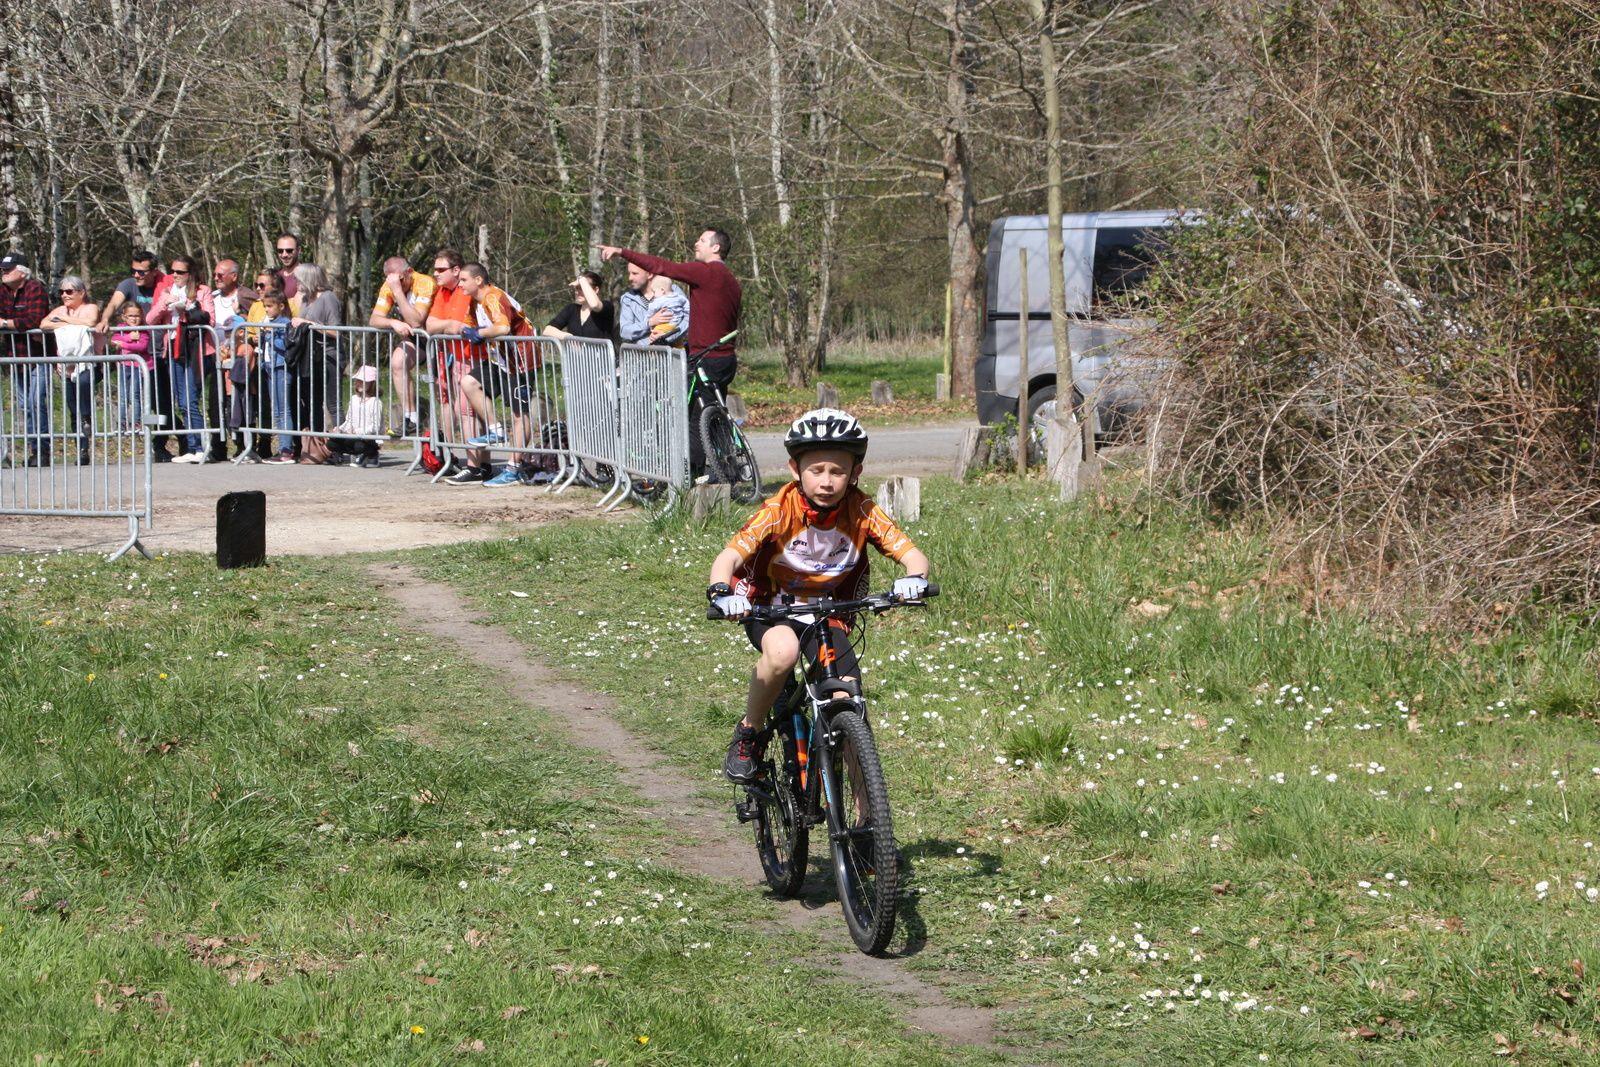 Noémie et  Maruis  en  2e et  3e  position au  début du  2e tour